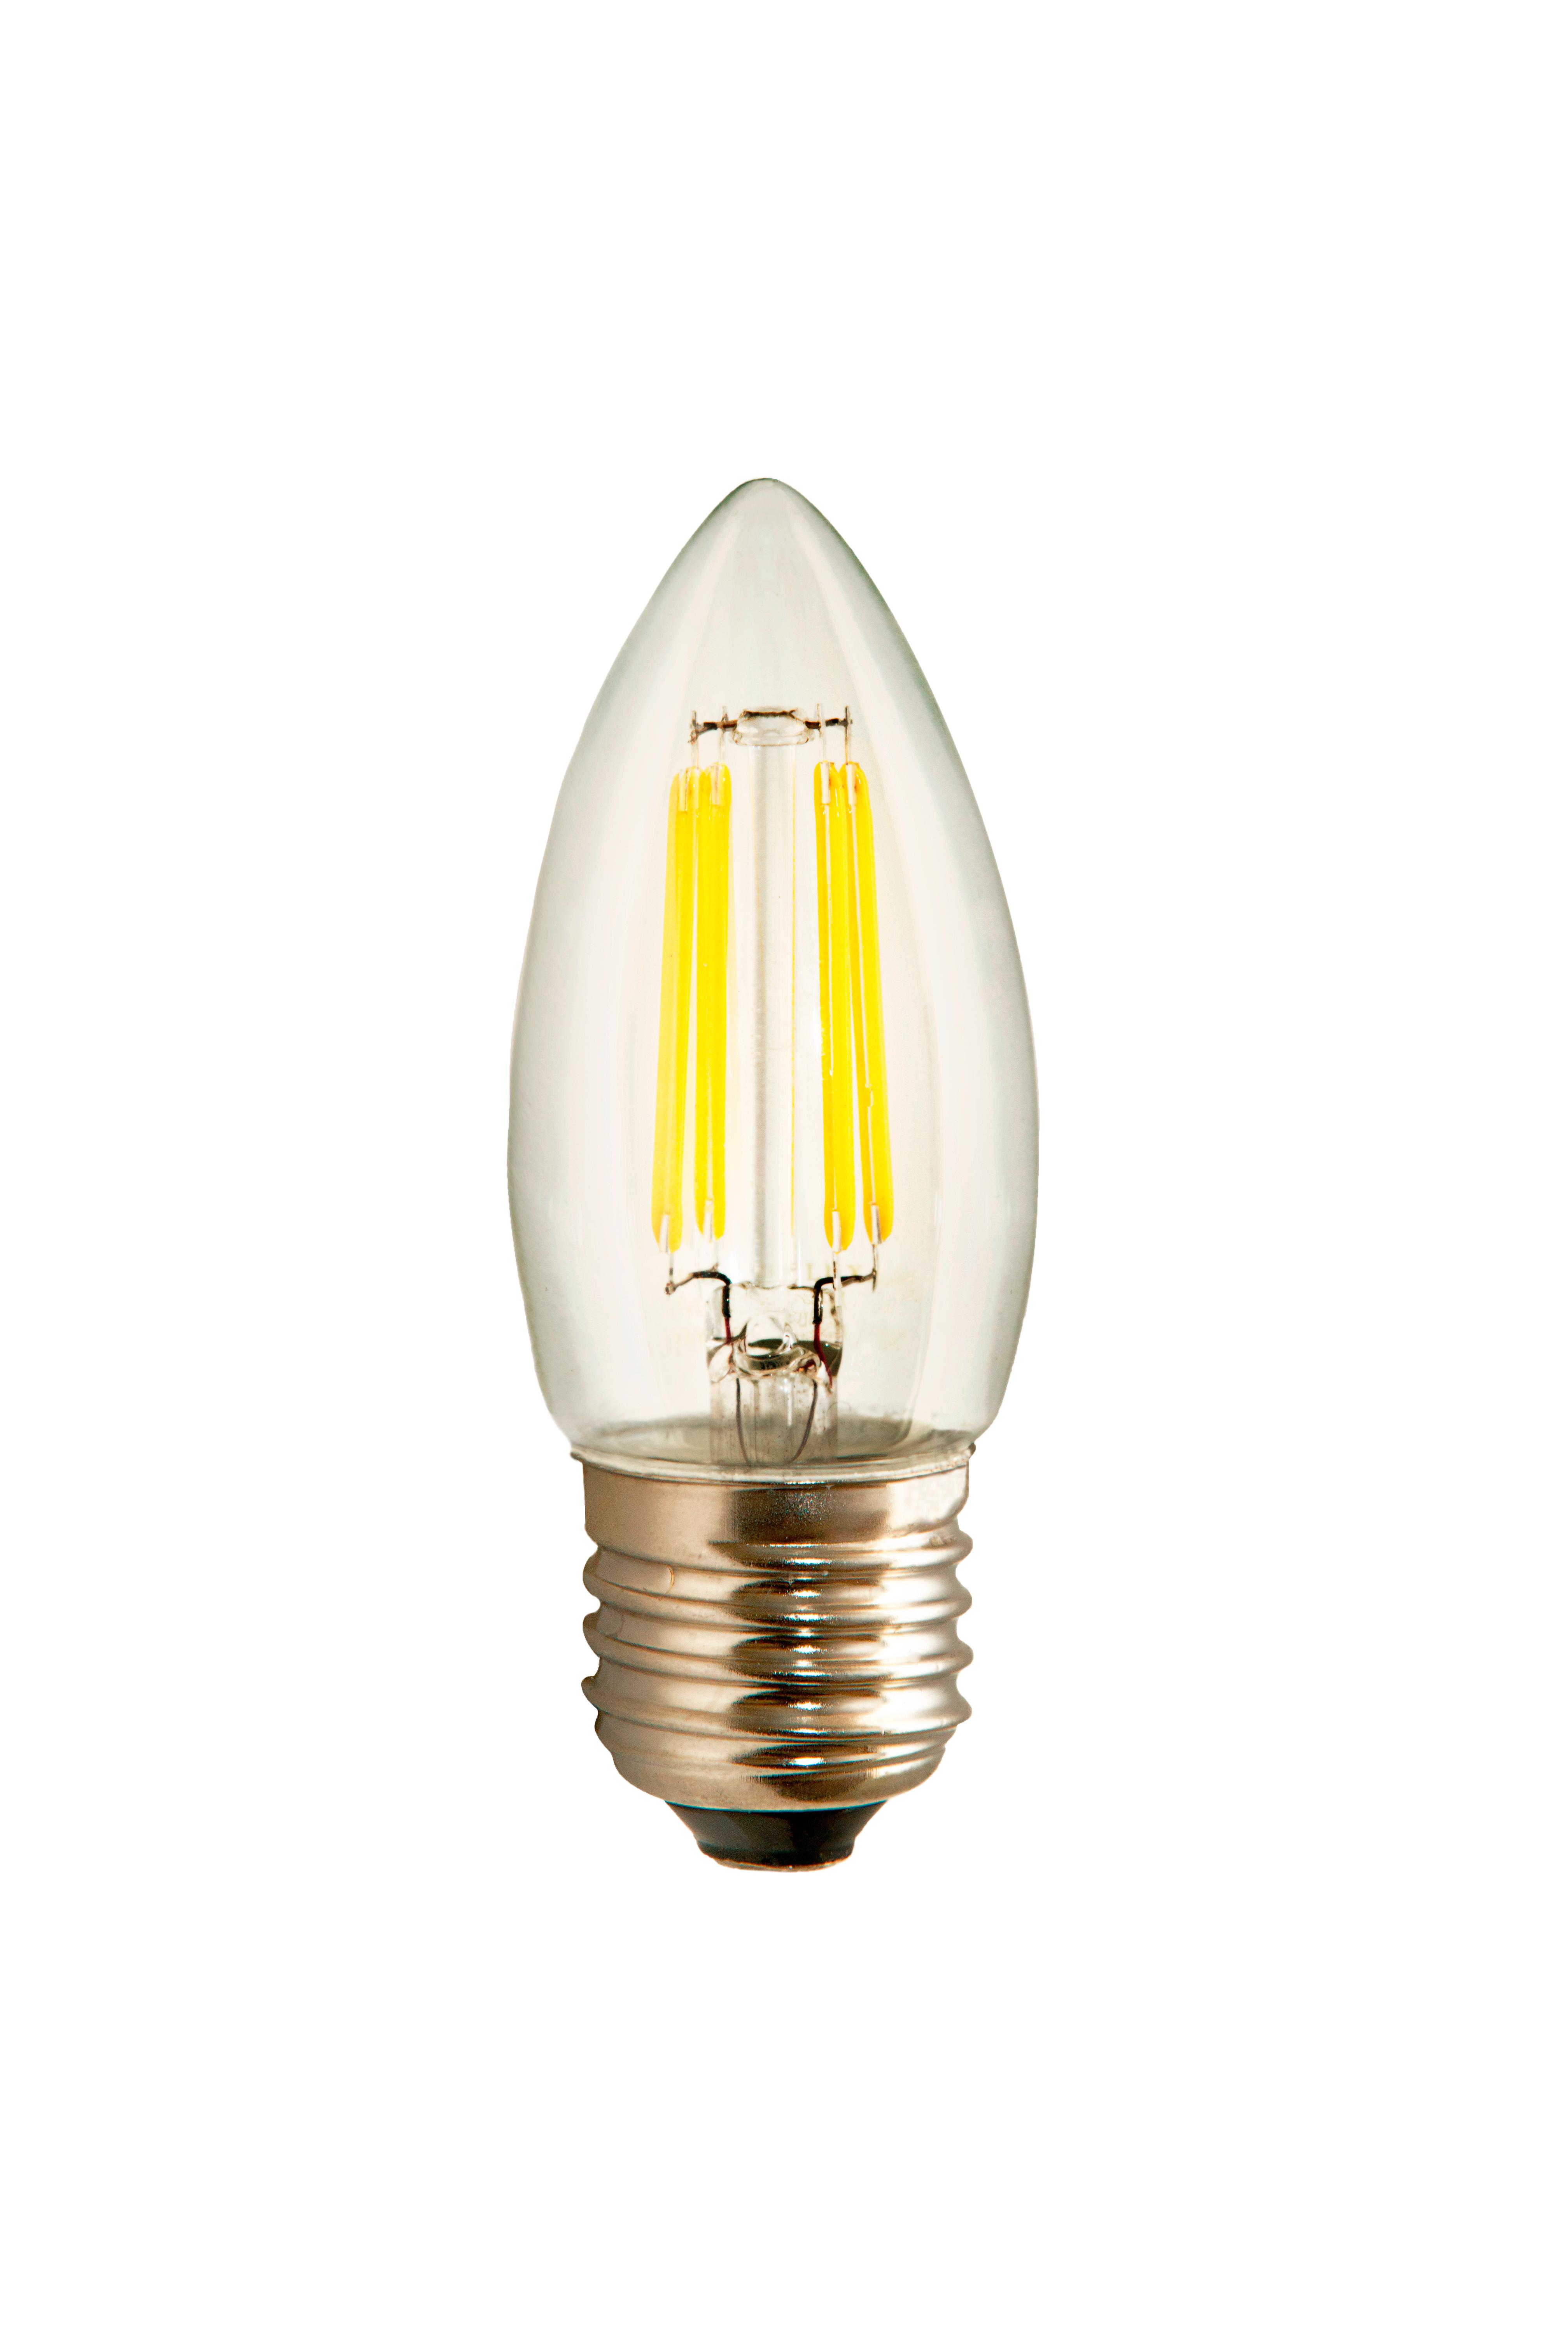 Светодиодная лампа VKlux BK-27W5C30 Edison, 5Вт, 3000КСветодиодные лампы<br><br><br>Тип: светодиодная лампа<br>Тип цоколя: E27<br>Рабочее напряжение, В: 220<br>Мощность, Вт: 5<br>Мощность заменяемой лампы, Вт: 60<br>Световой поток, Лм: 550<br>Цветовая температура, K: 3000<br>Угол раскрытия, °: 360